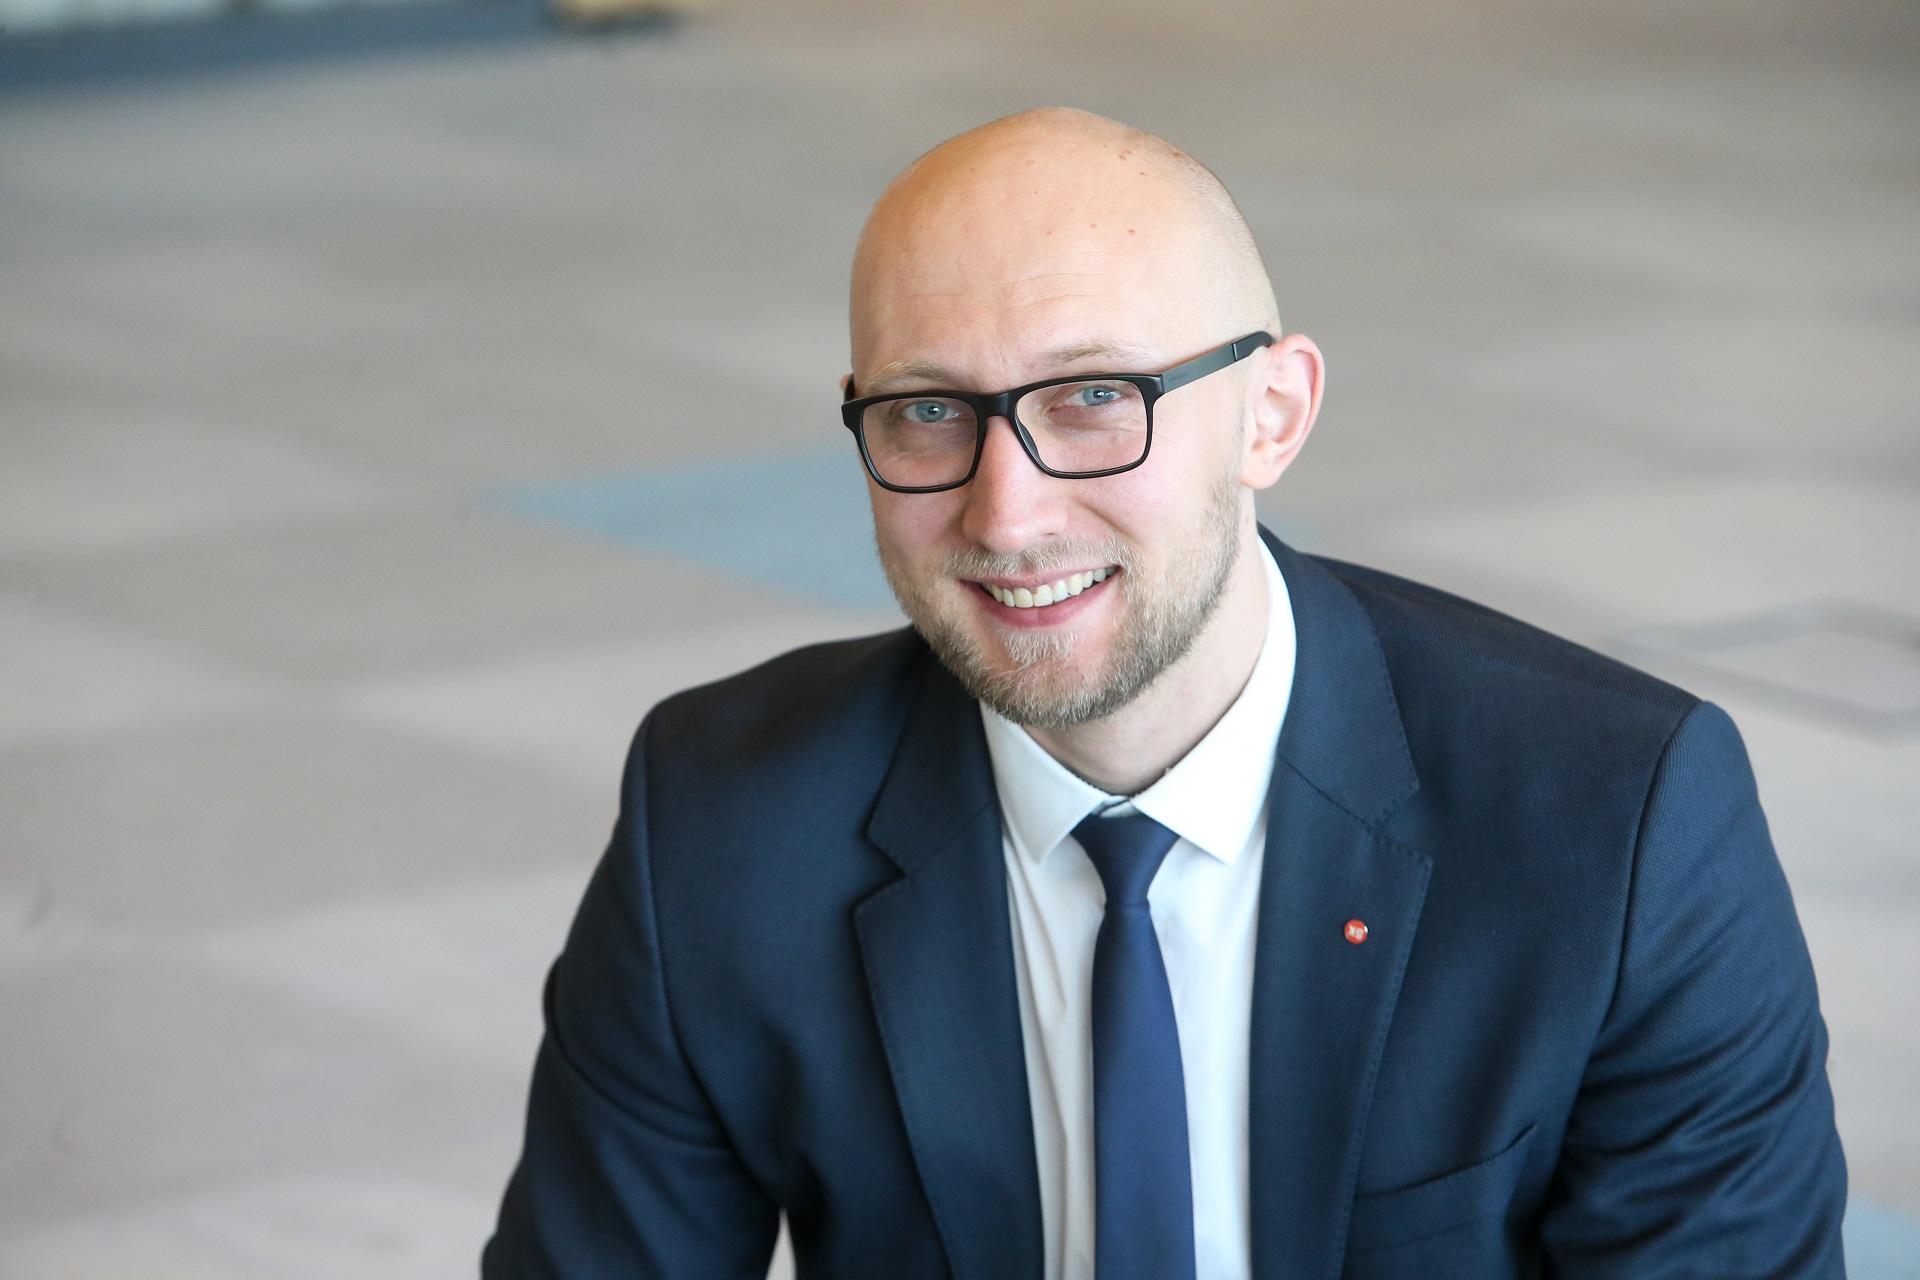 """Bendrovės """"SK-ID Solutions"""" vadovas Lietuvoje Viktoras Kamarevcevas: """"Bendrai visose trijose Baltijos šalyse šiuo metu yra daugiau kaip 2,56 milijono unikalių naudotojų. Tai rodo, kad sprendimas atitiko vartotojų lūkesčius ir juos tenkina."""" / Asmeninio archyvo nuotr."""